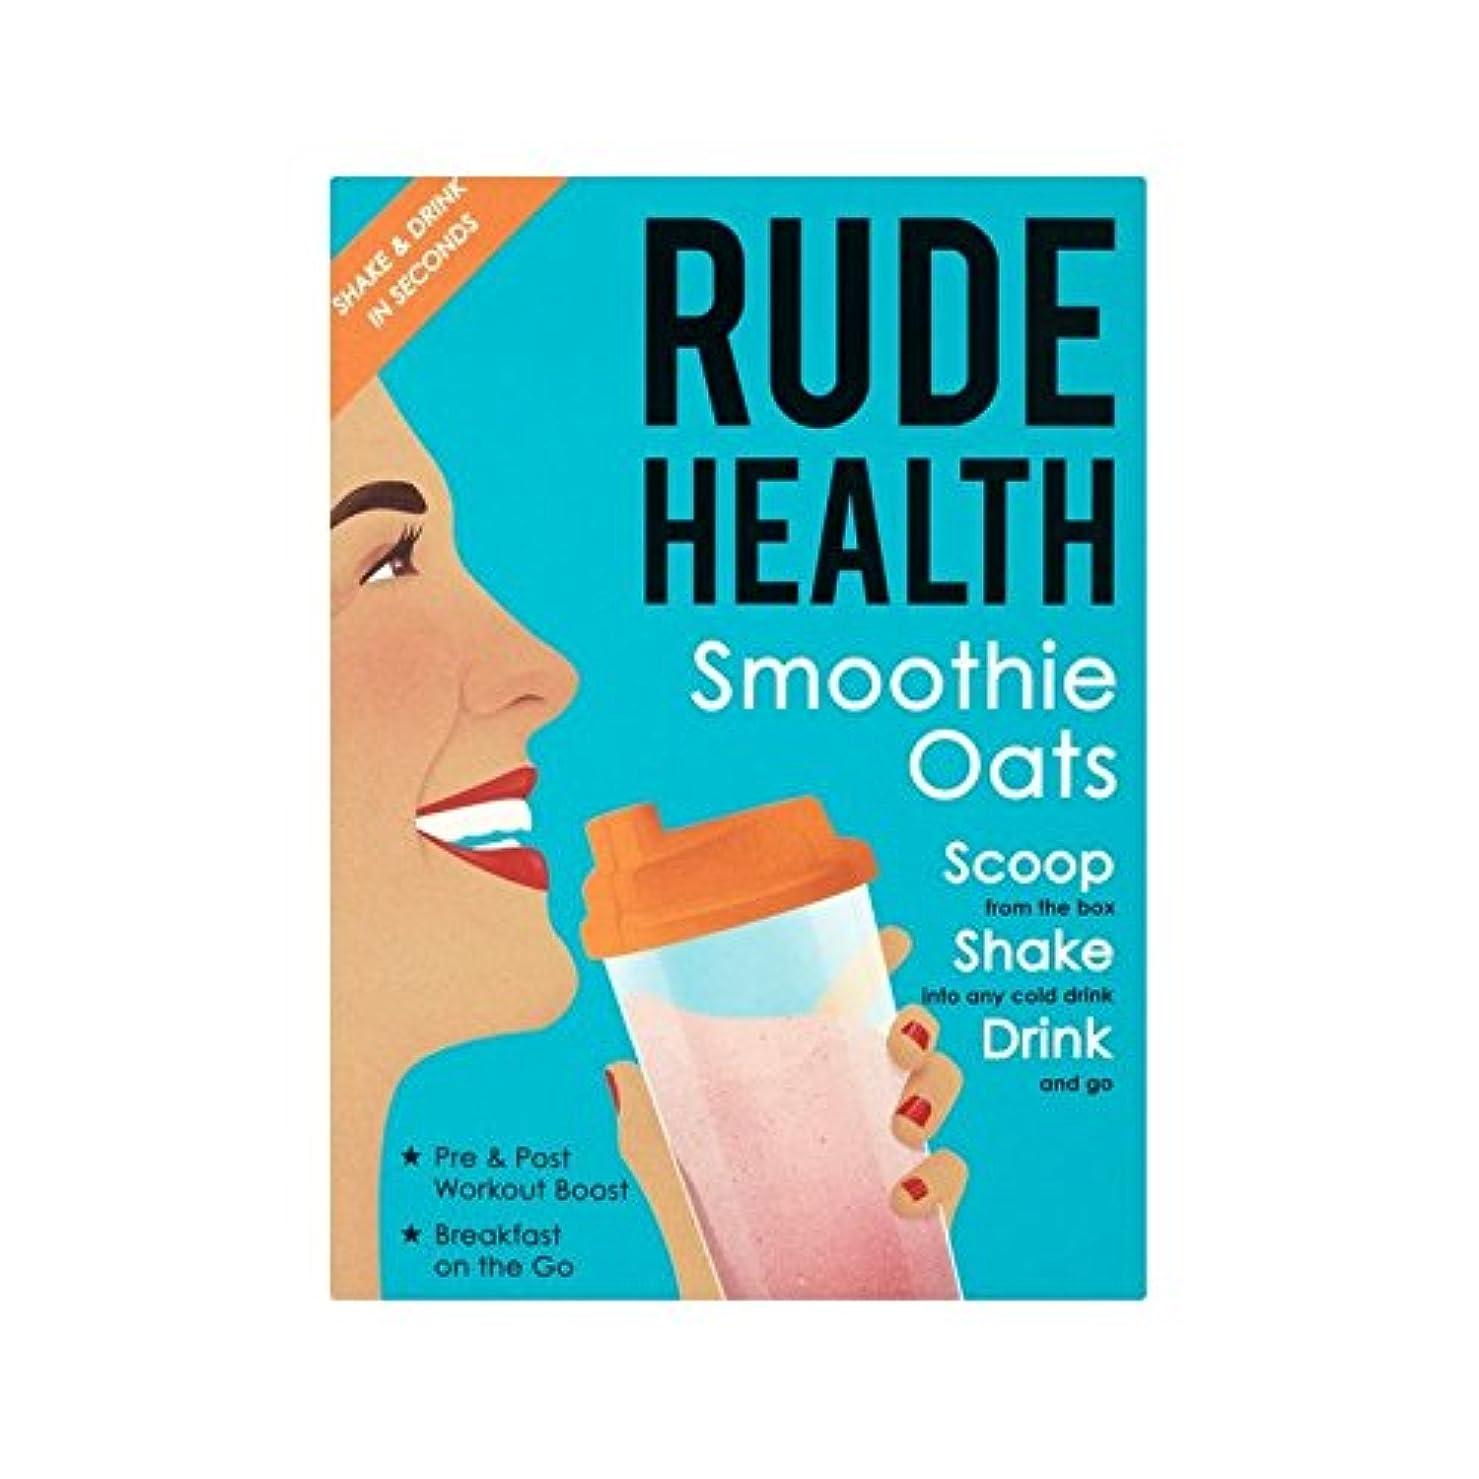 使い込む配分発症スムージーオート麦250グラム (Rude Health) (x 4) - Rude Health Smoothie Oats 250g (Pack of 4) [並行輸入品]